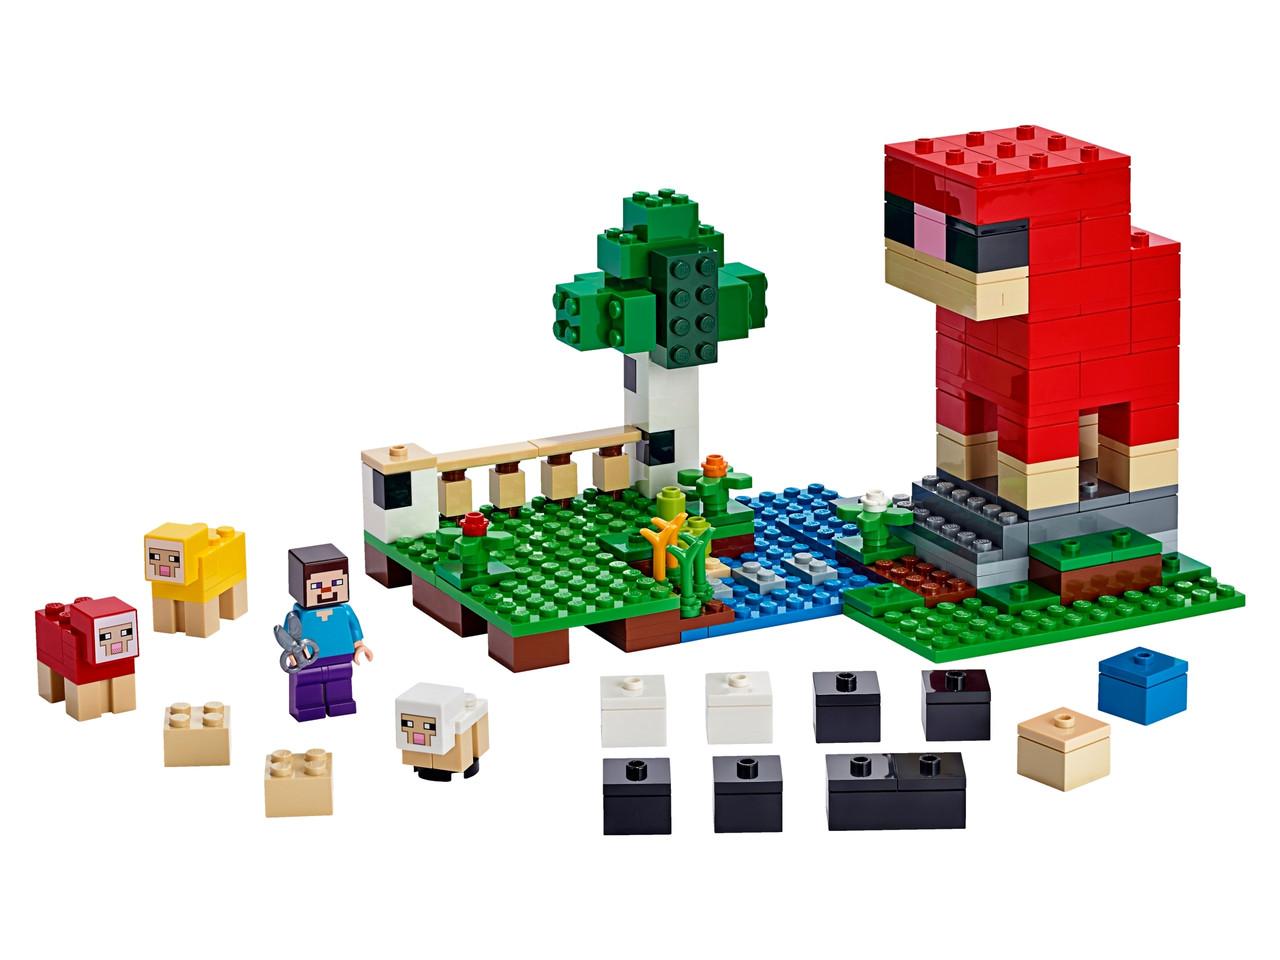 Конструктор LEGO ферма вовни 260 деталей (21153)